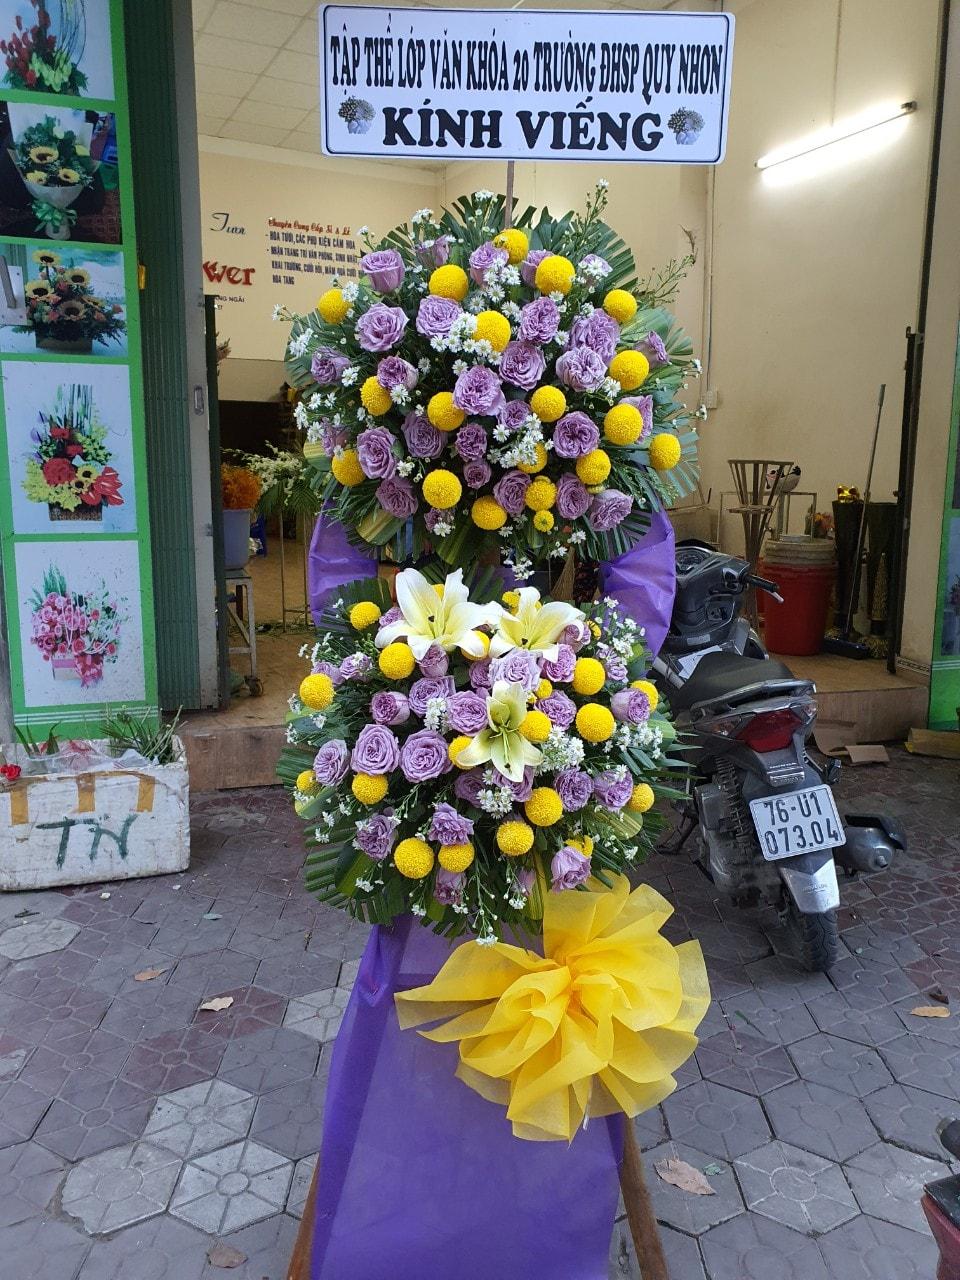 Shop hoa thành phố Quảng ngãi